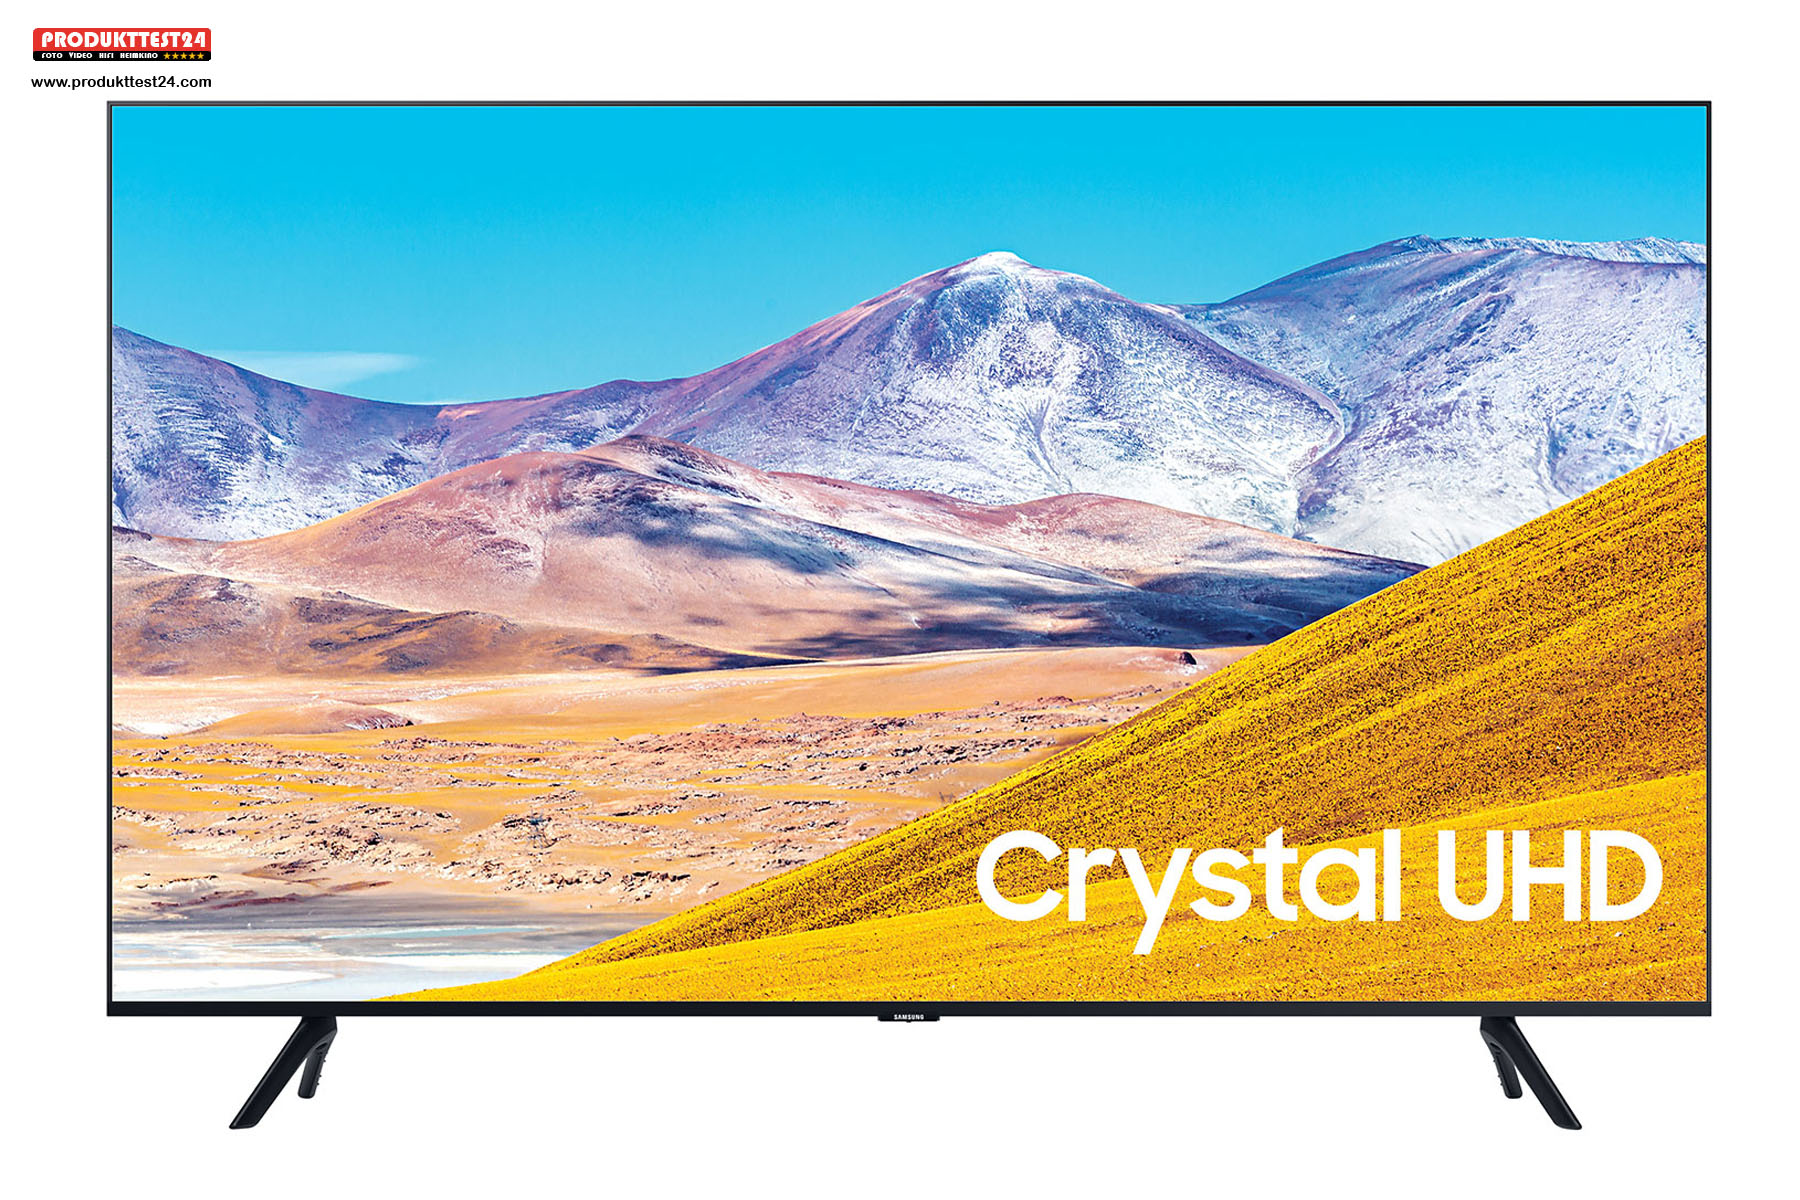 Samsung GU82TU8079 UHD 4K-Fernseher